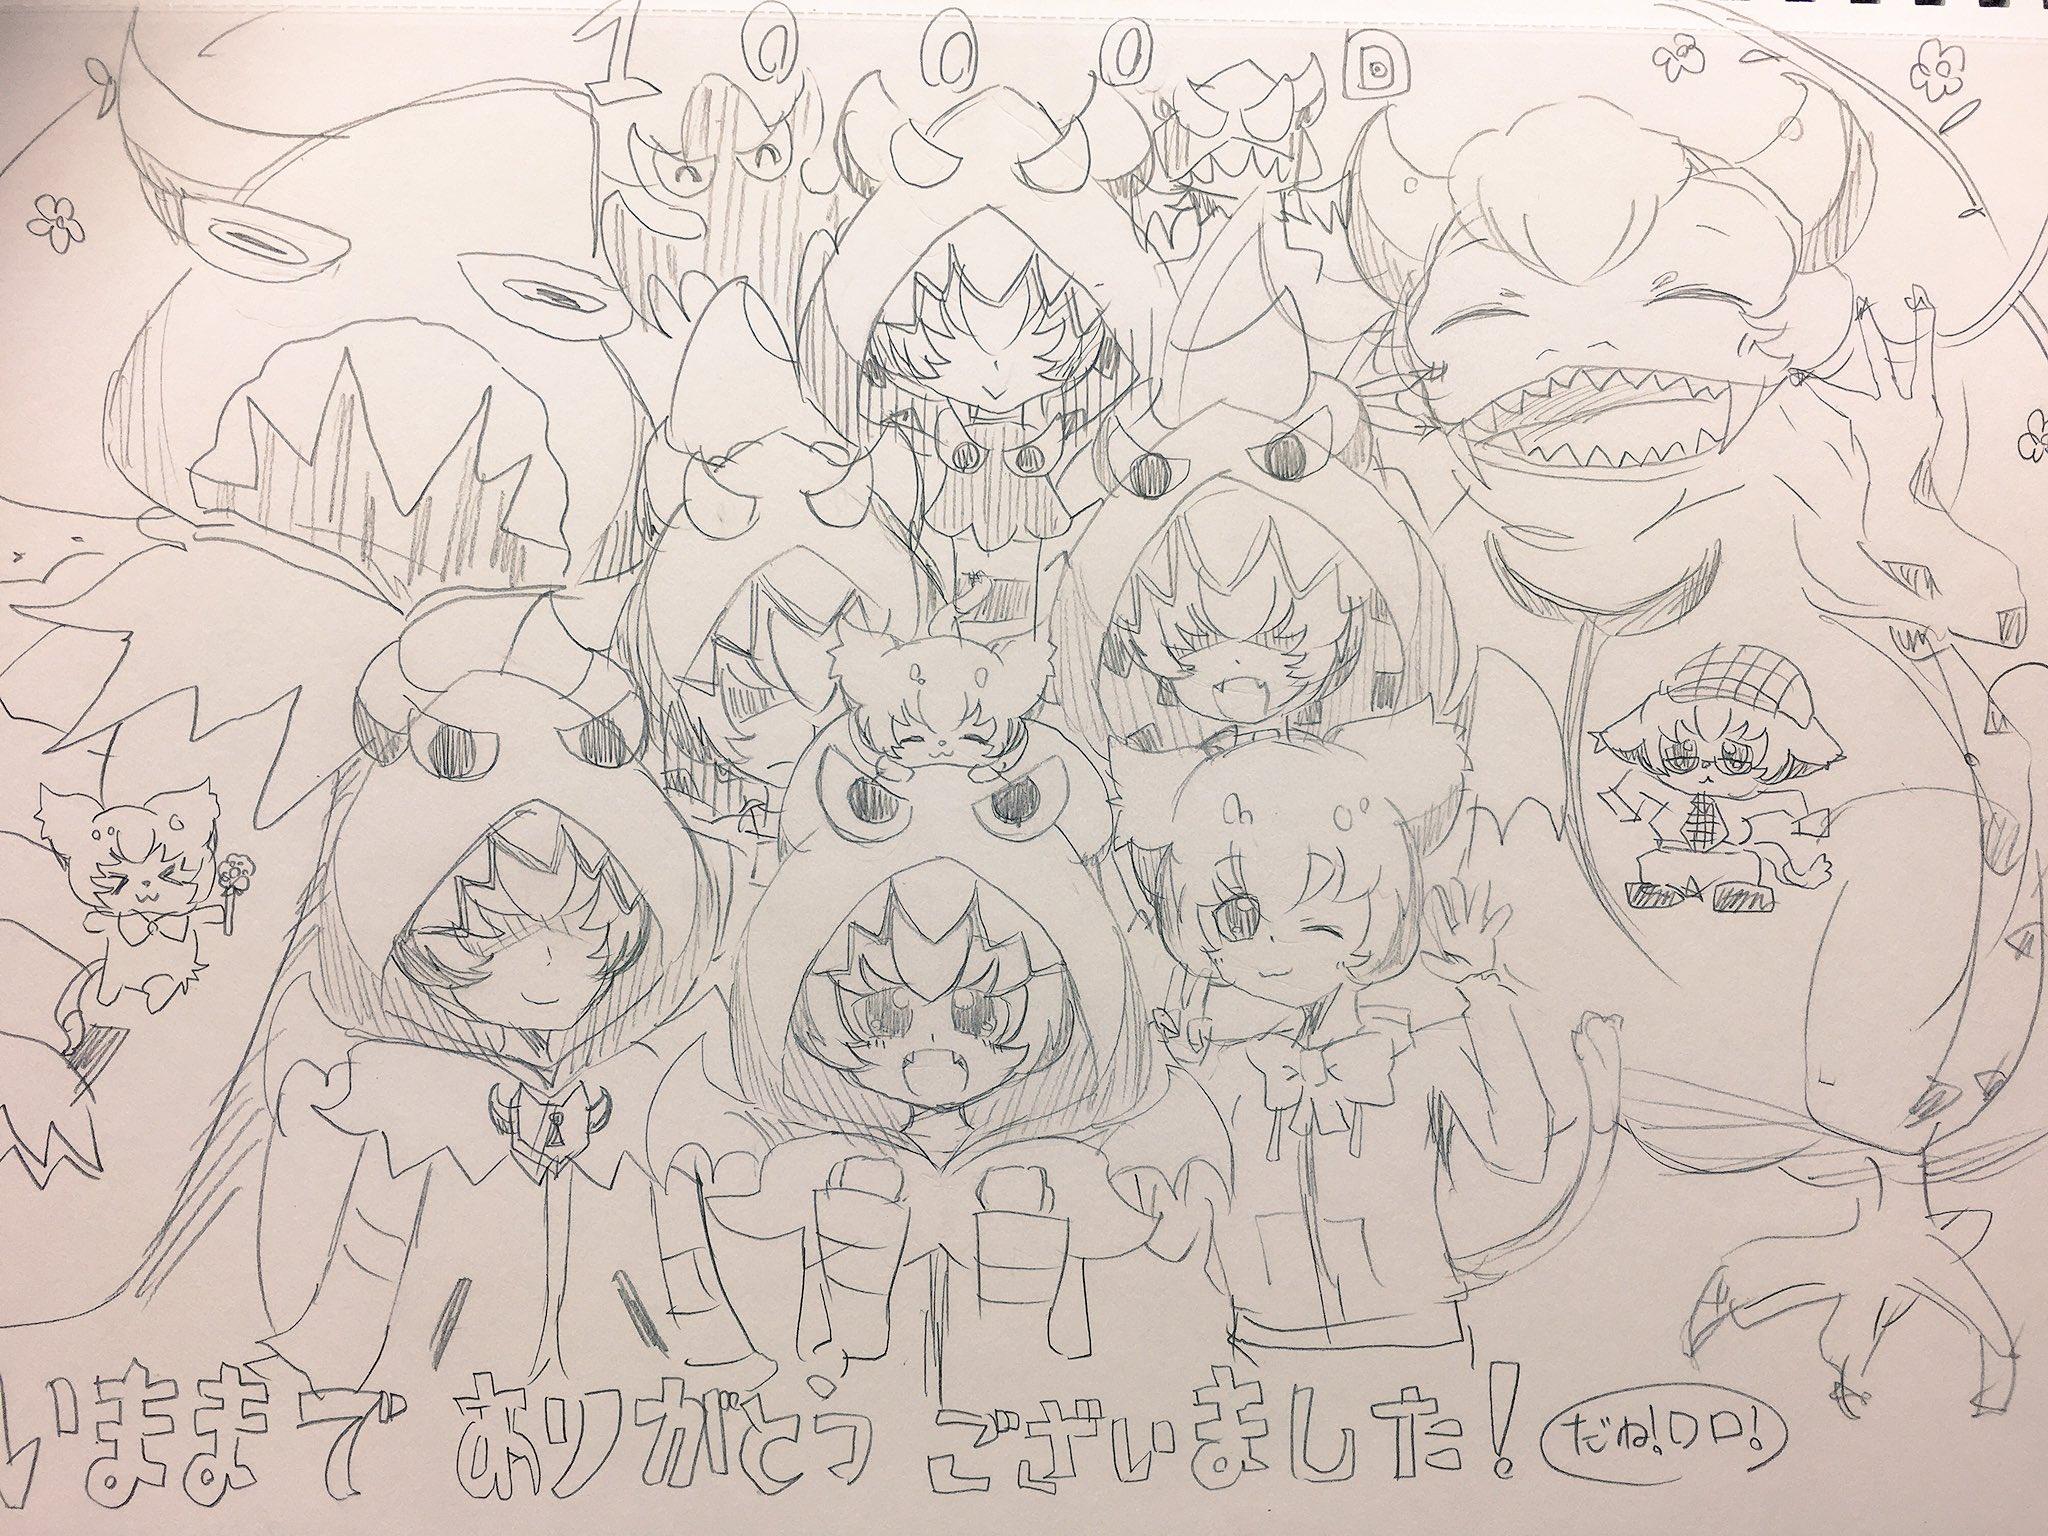 あむチョコ (@LocKuroro)さんのイラスト